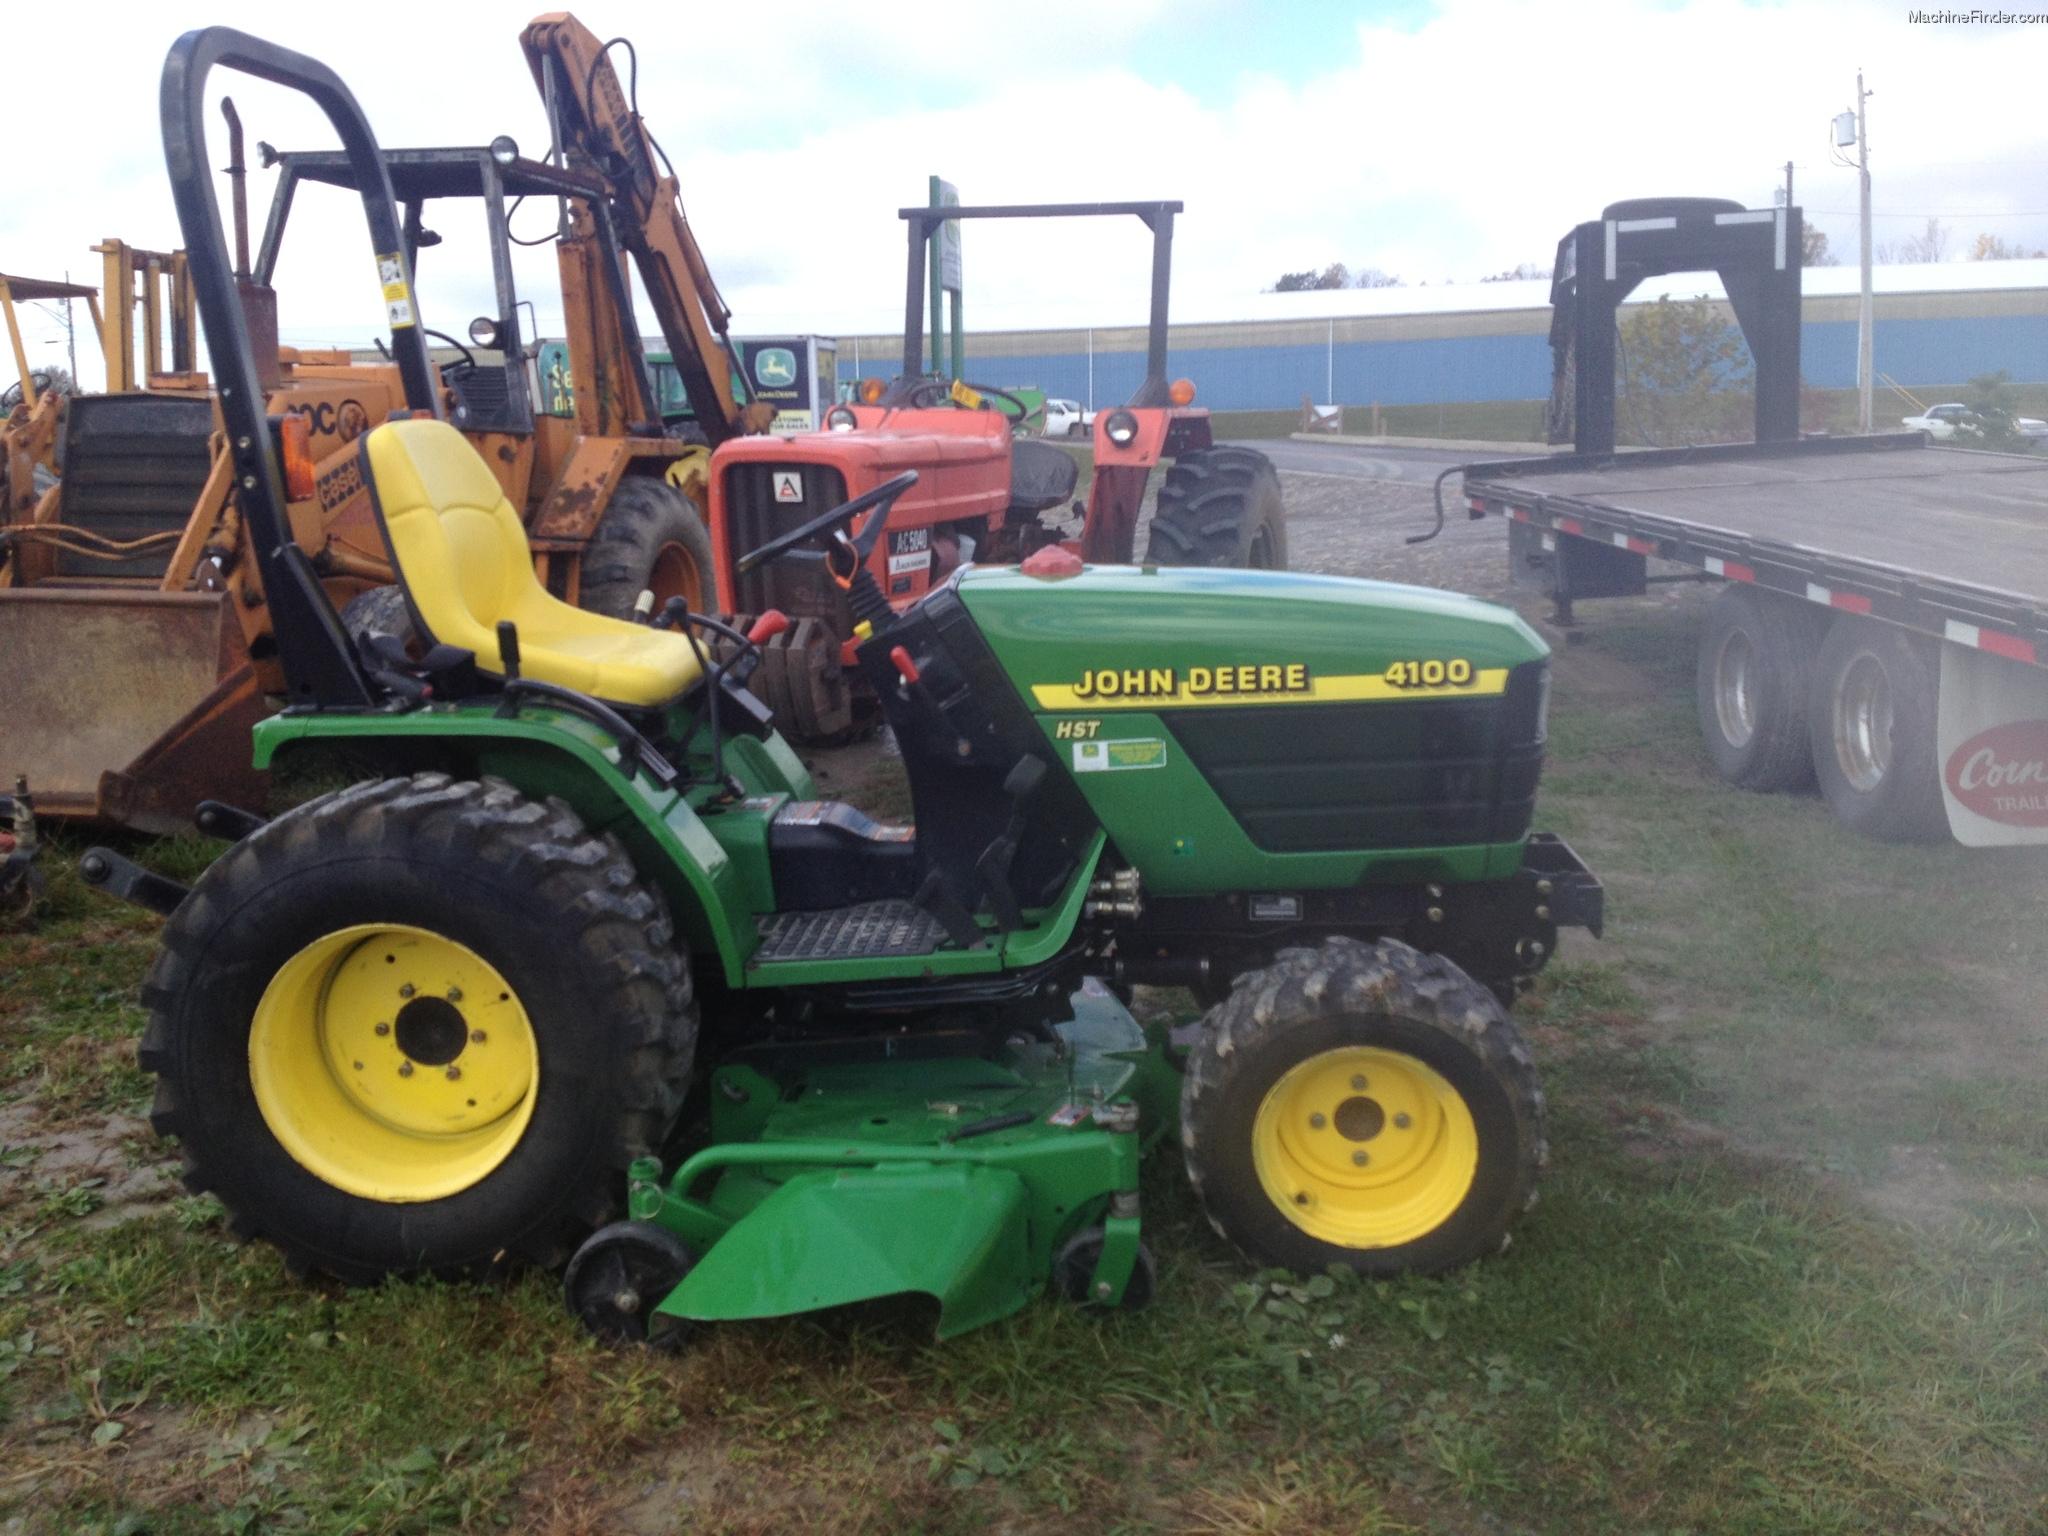 John Deere 4100 Tractors - Compact (1-40hp.) - John Deere ...